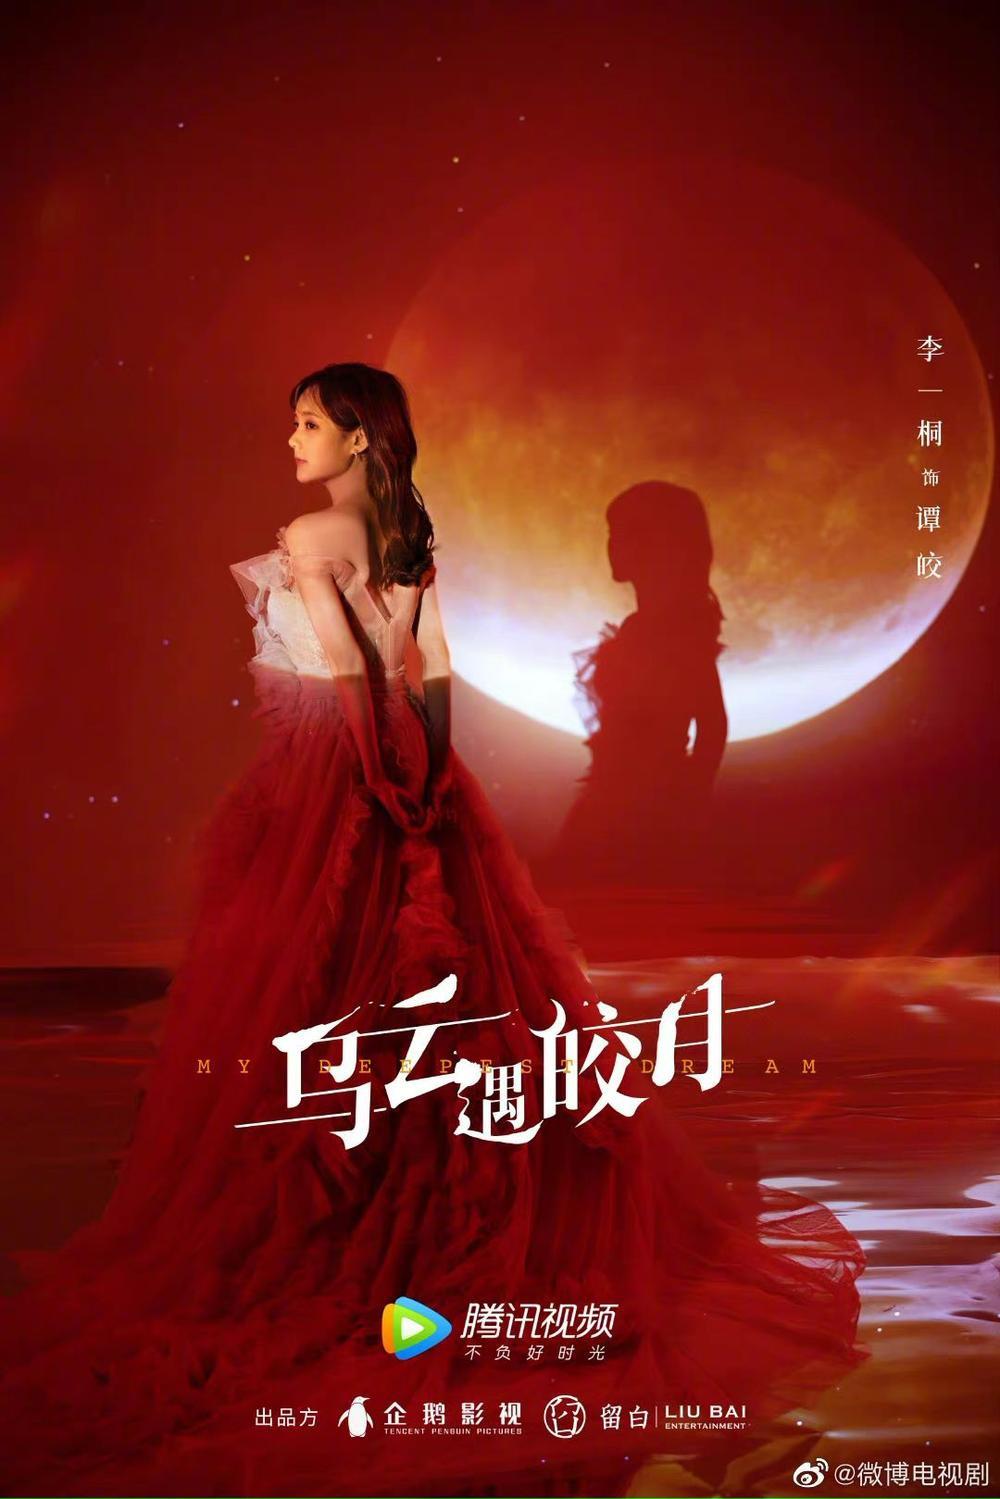 'Mây đen gặp trăng sáng' giới thiệu dàn diễn viên chính qua poster nhân vật đẹp mê li Ảnh 5